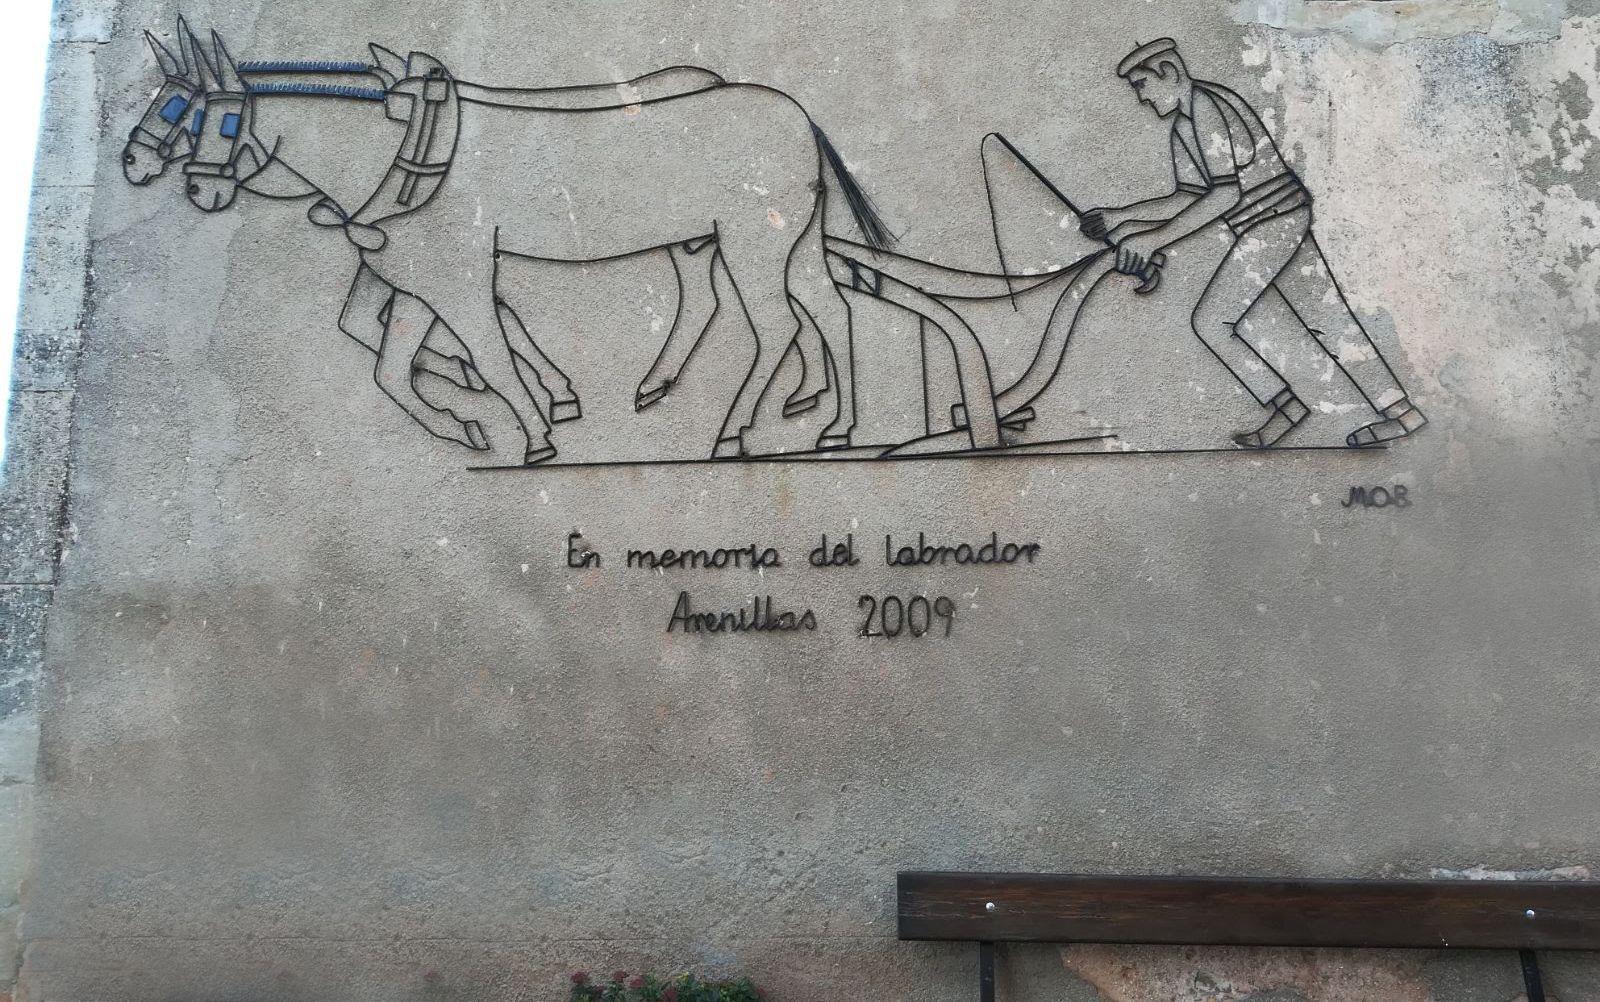 Escultura plana homenaje al labrador de Miguel Ortega Beato 2009